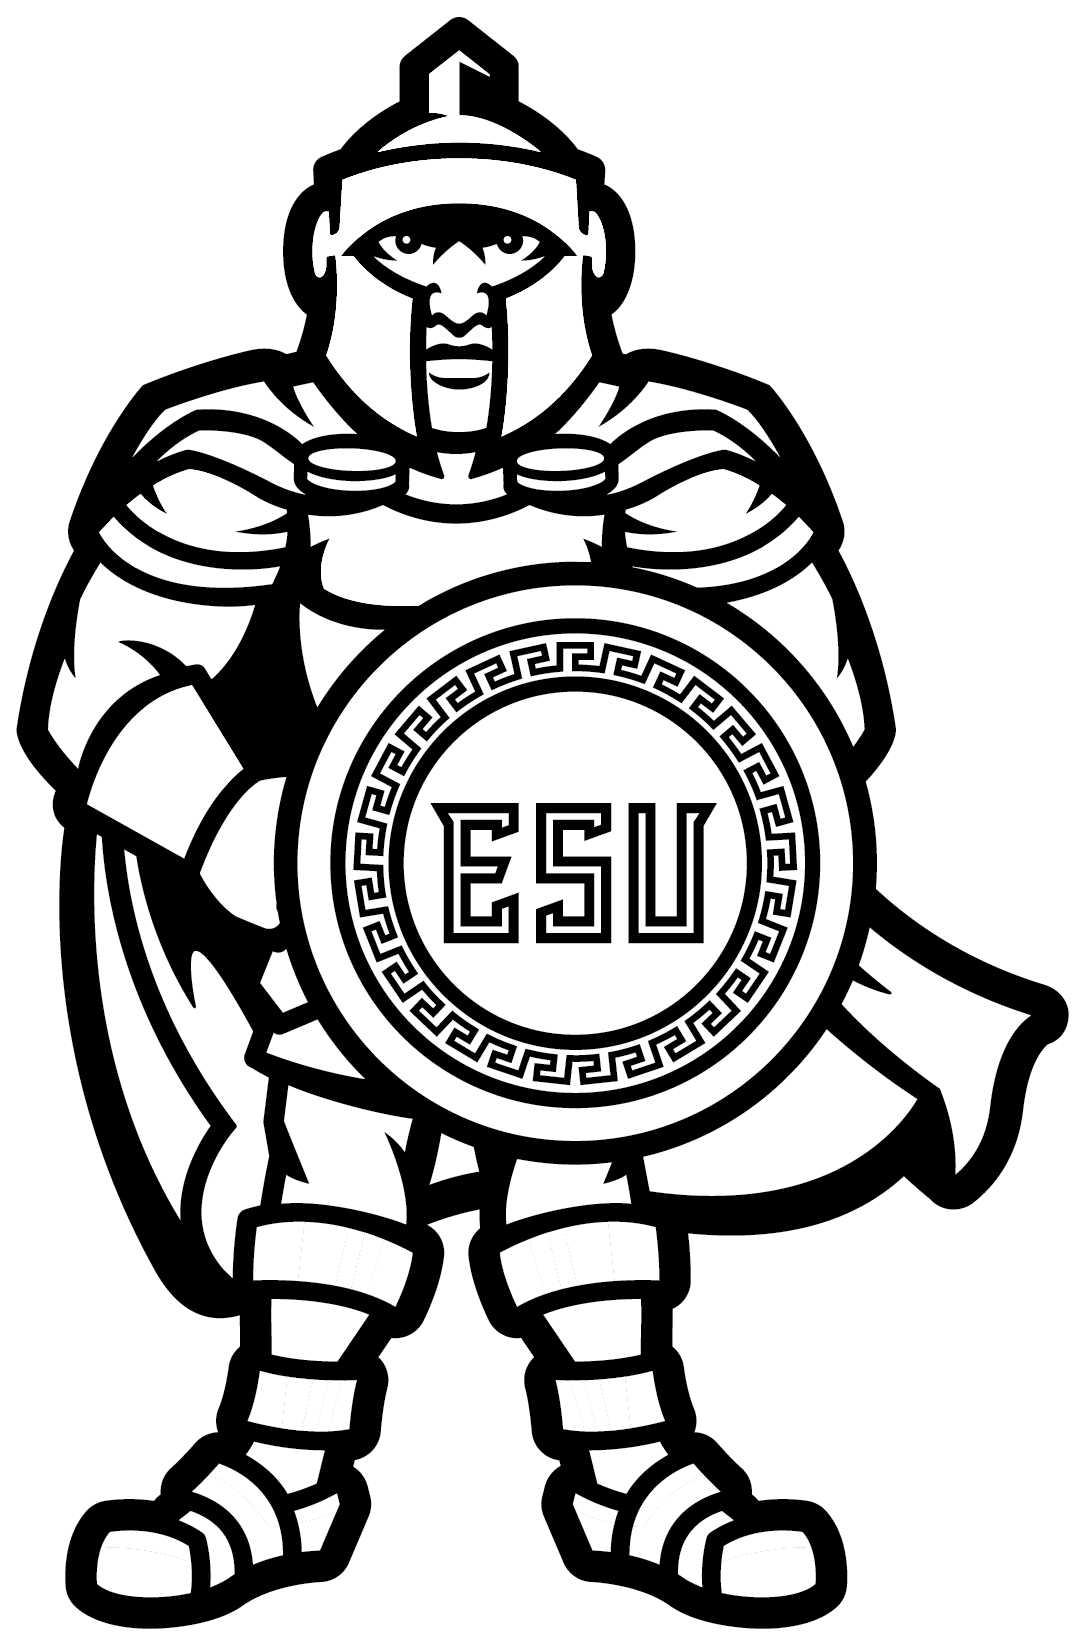 ESU Alumni Coloring Page (Cover)